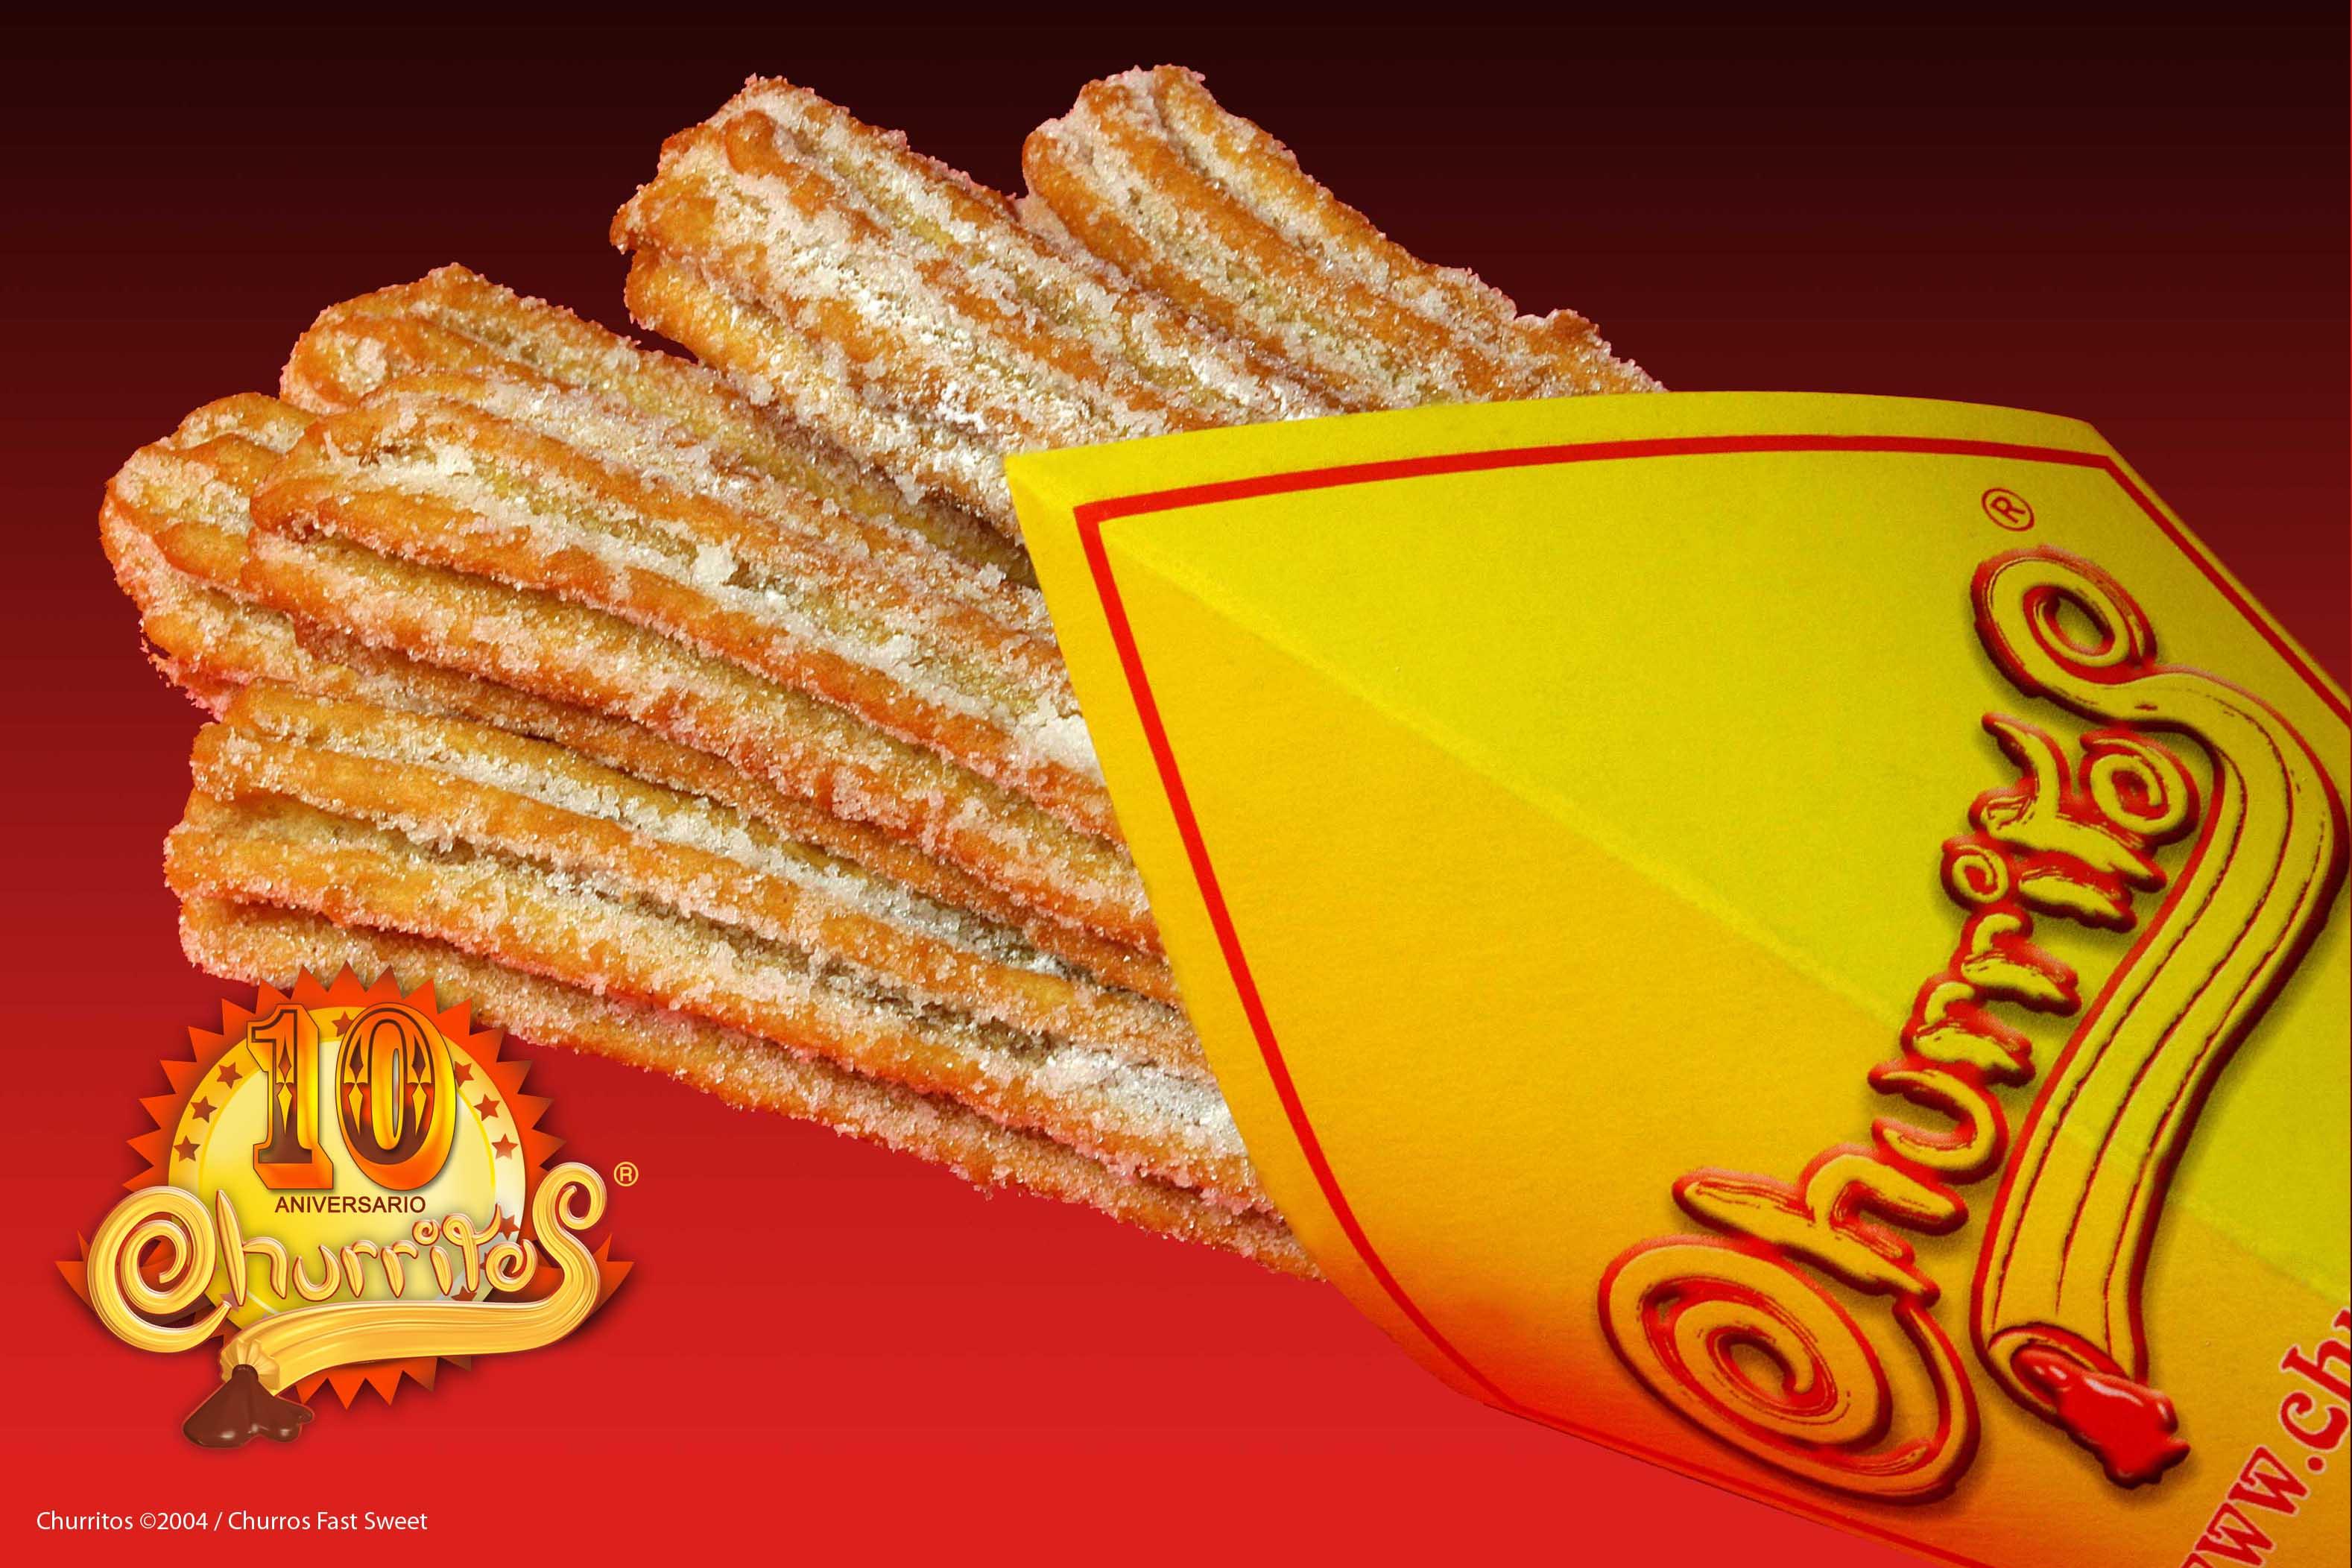 Se non sono fritti non sono Churros